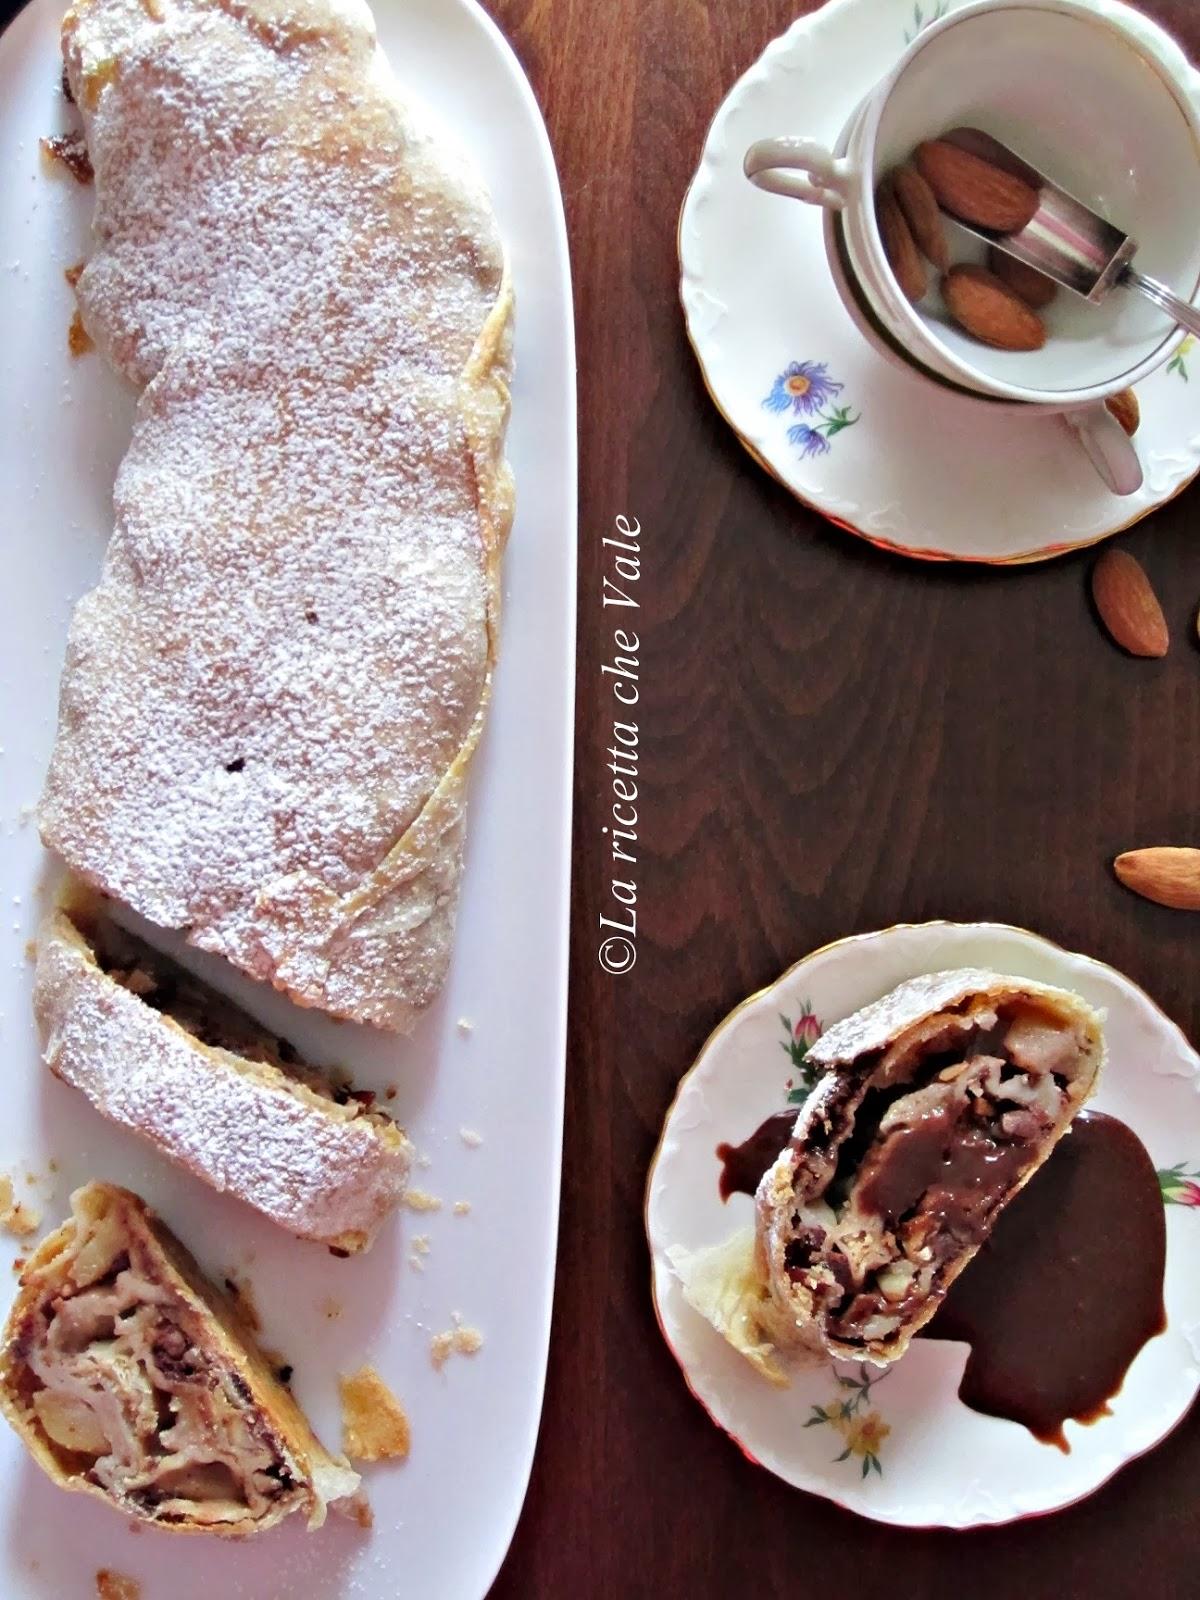 strudel di pere allo zenzero, mandorle e cioccolato fondente